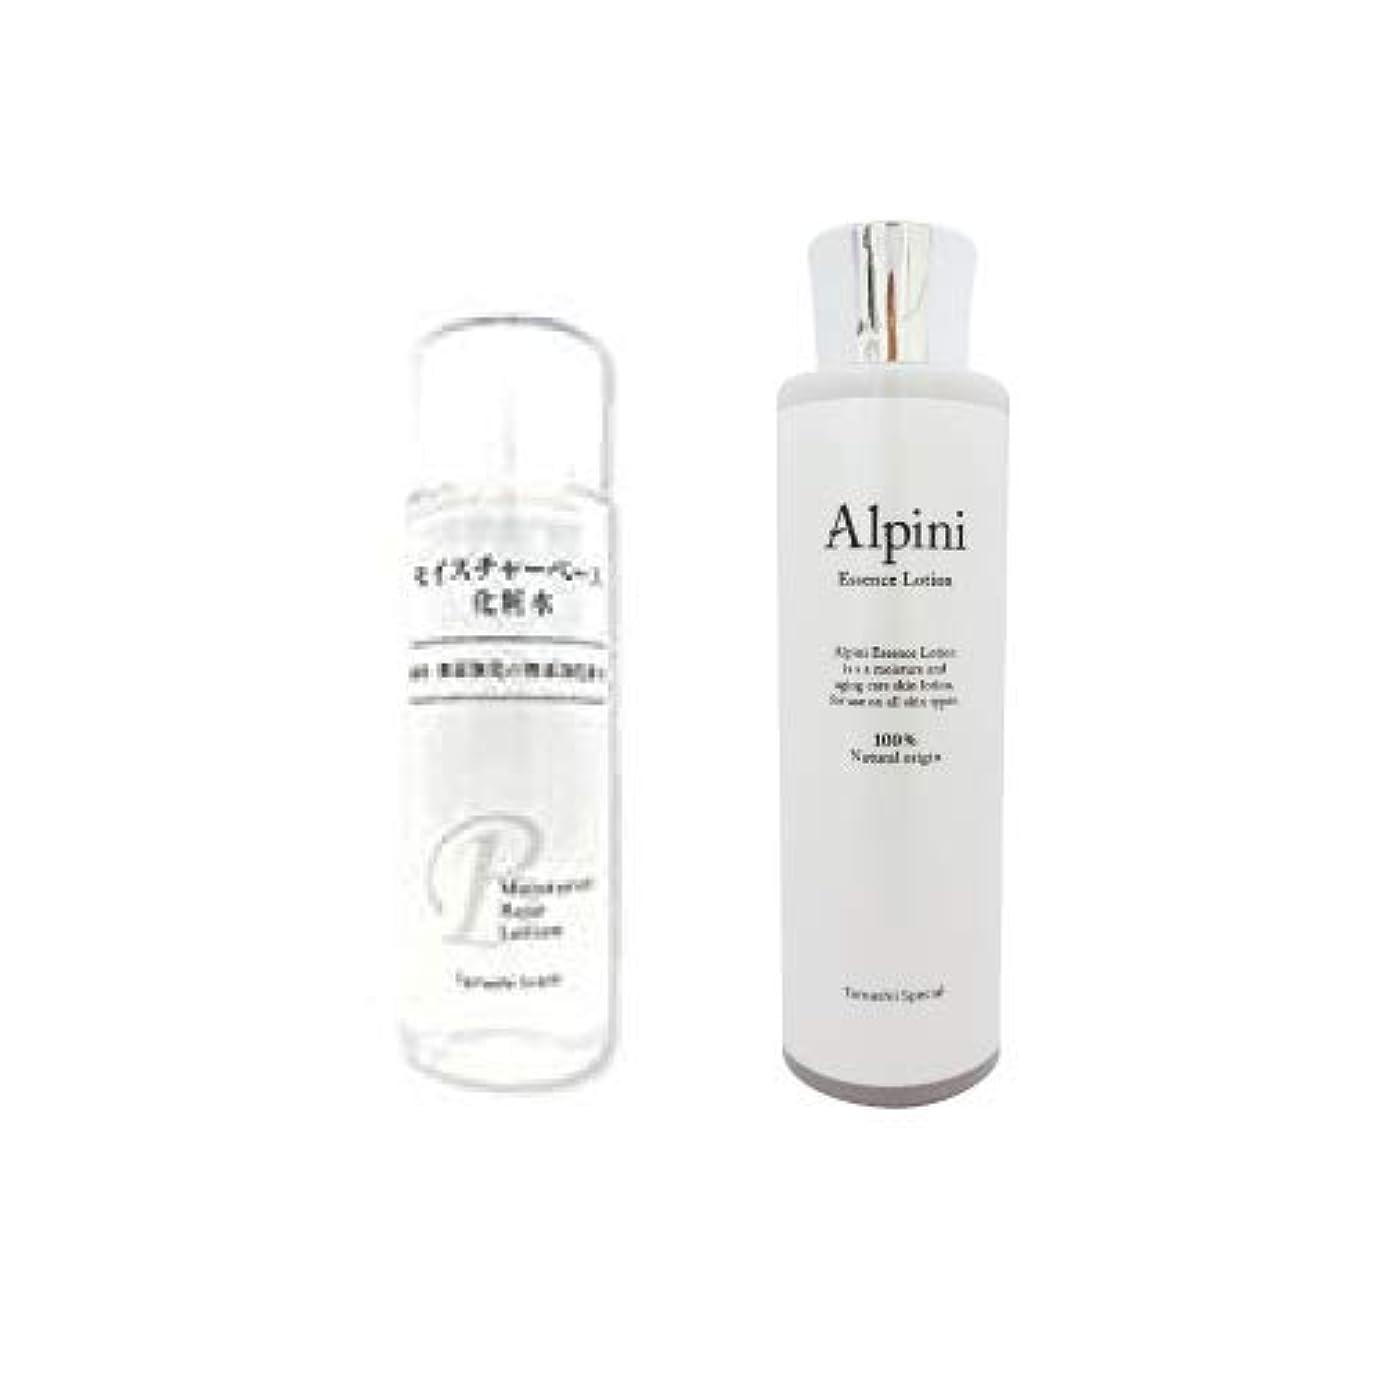 社会科吸収組モイスチャーベース化粧水125ml+アルピ二エッセンスローション150mlセット 完全無添加高保湿化粧水セット